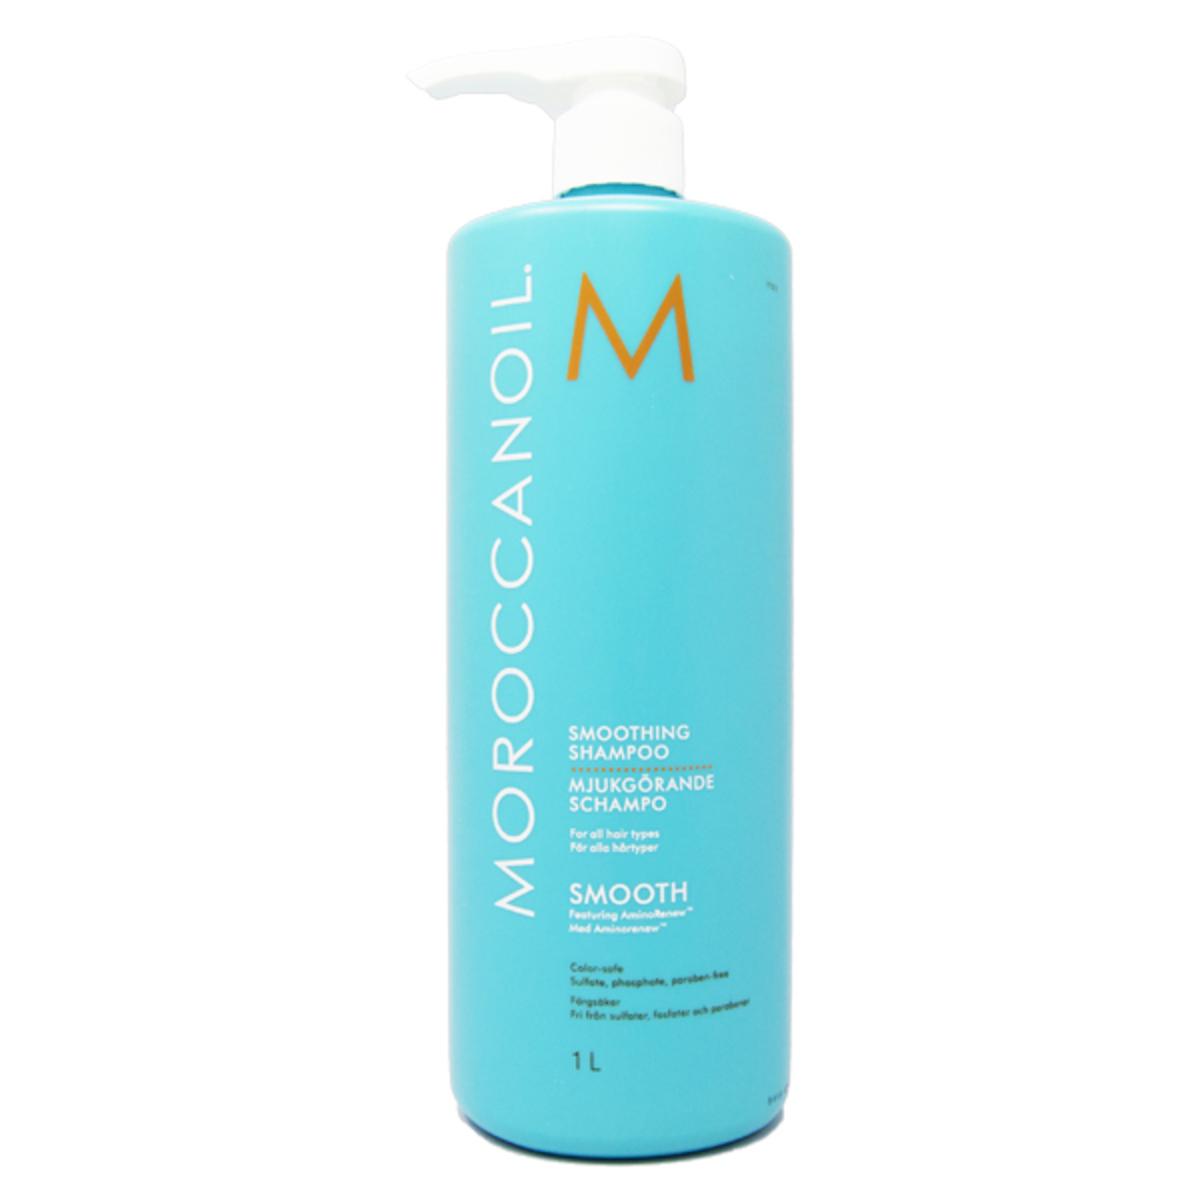 Smoothing Shampoo 1000ml